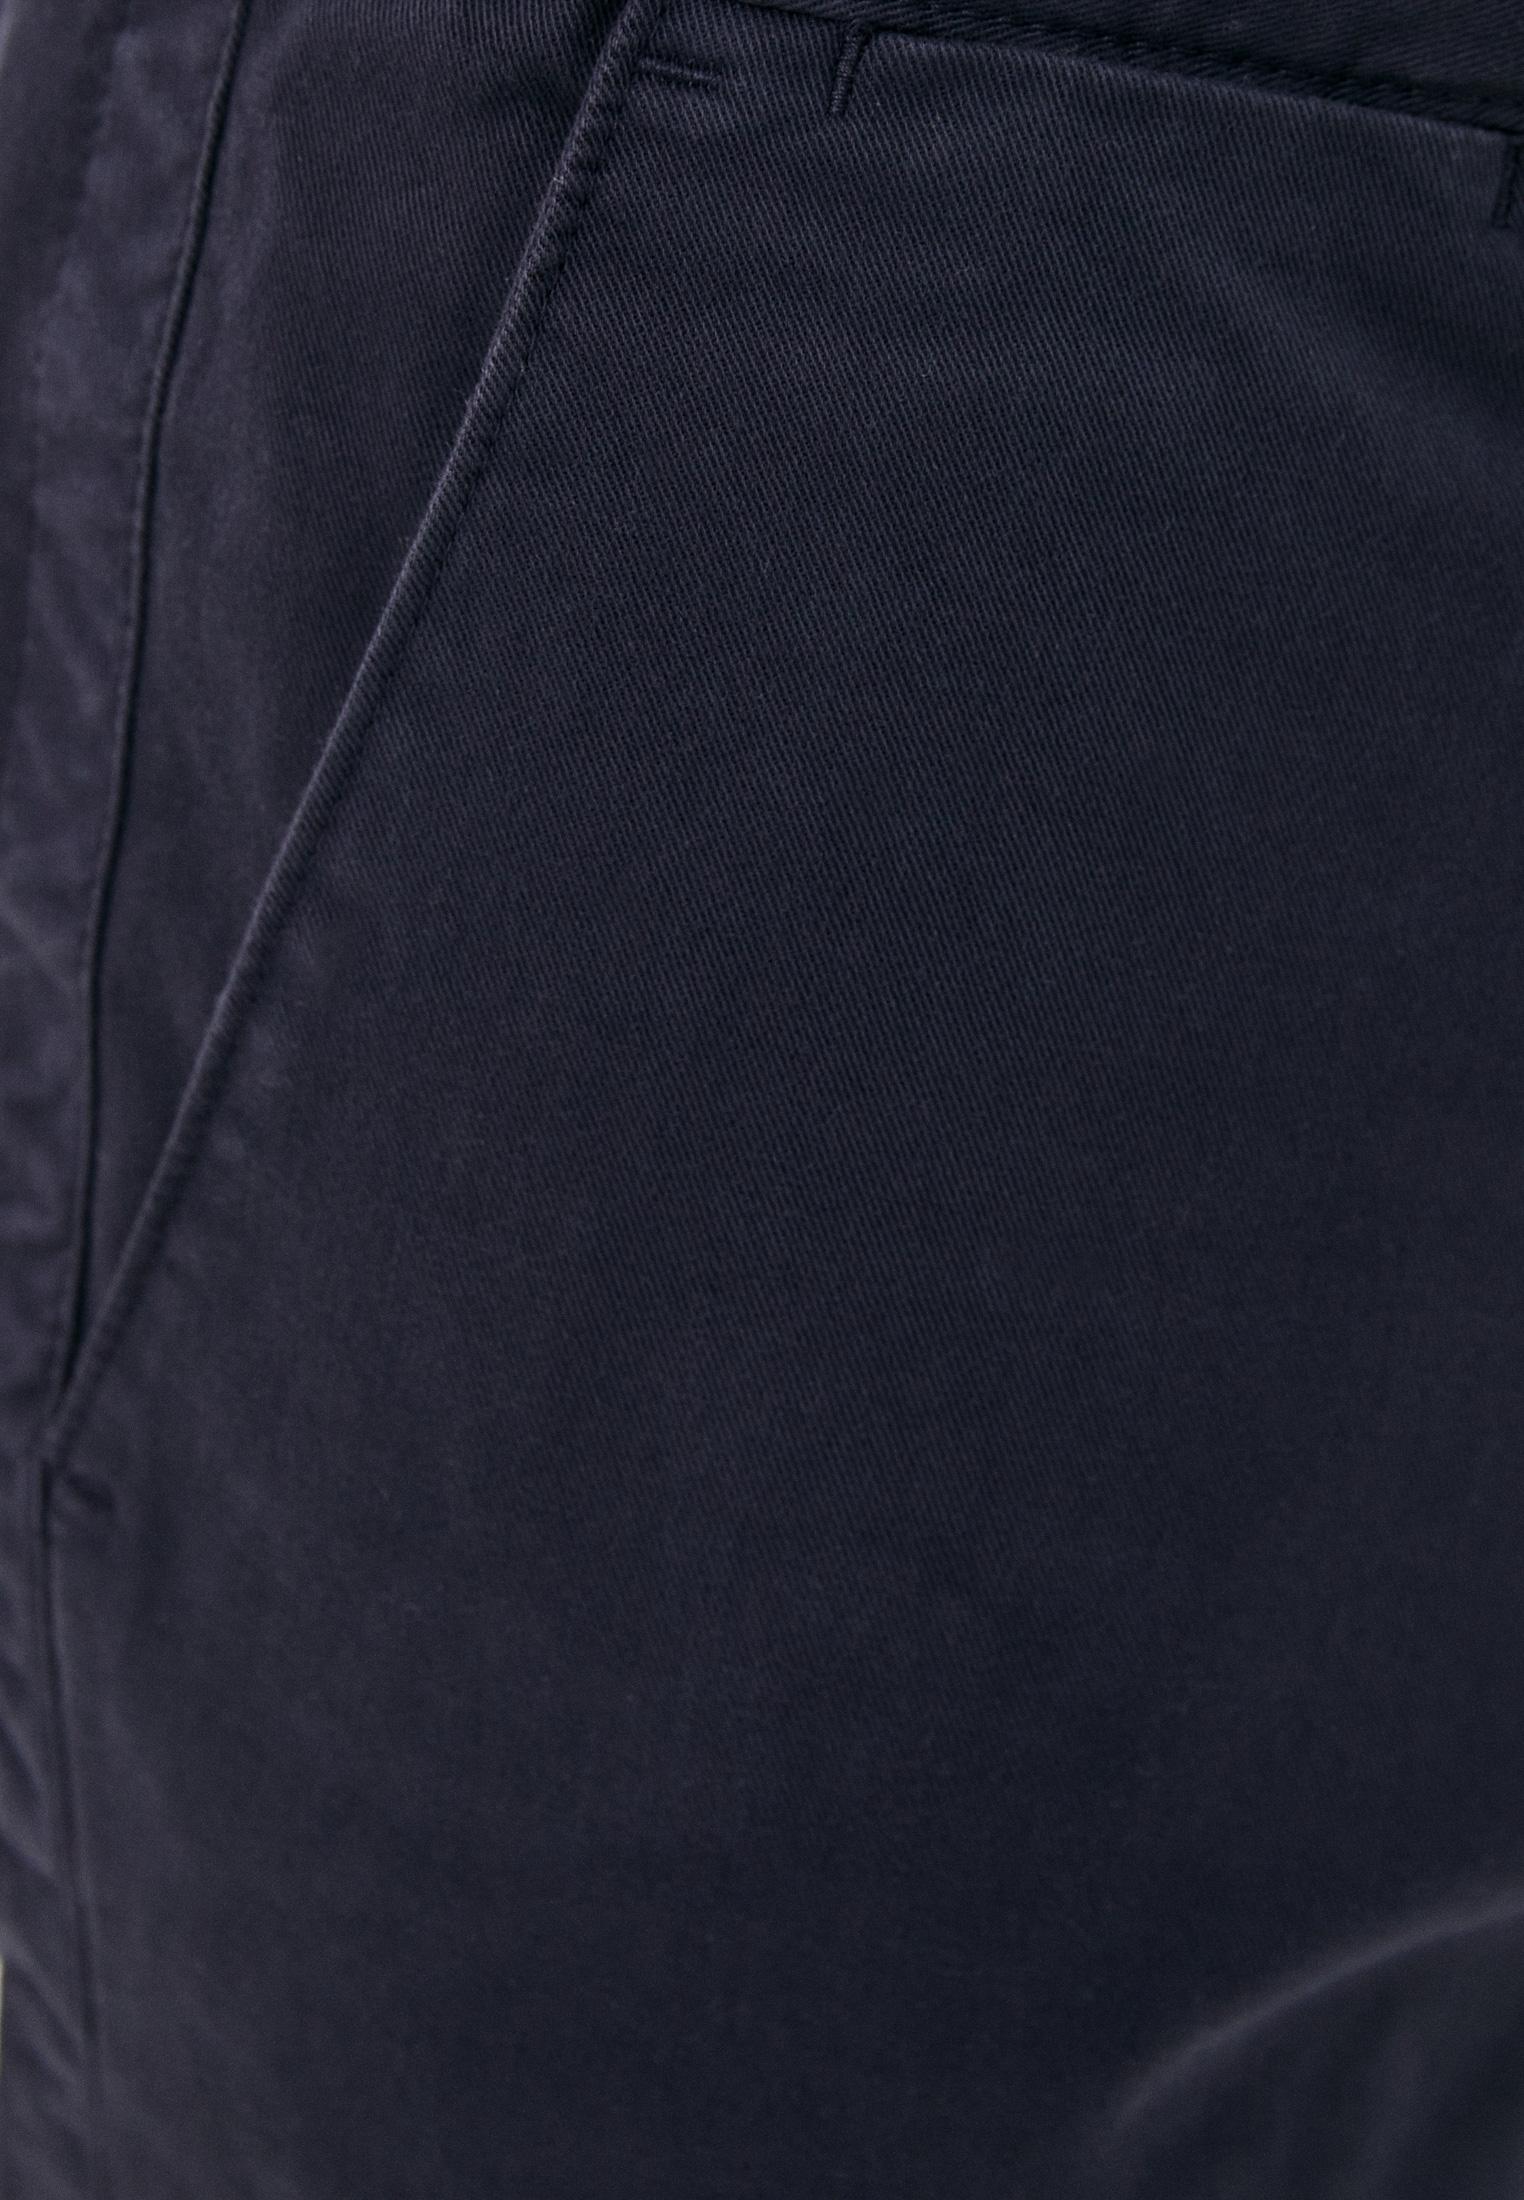 Мужские повседневные брюки Bikkembergs (Биккембергс) C P 001 04 S 3279: изображение 5